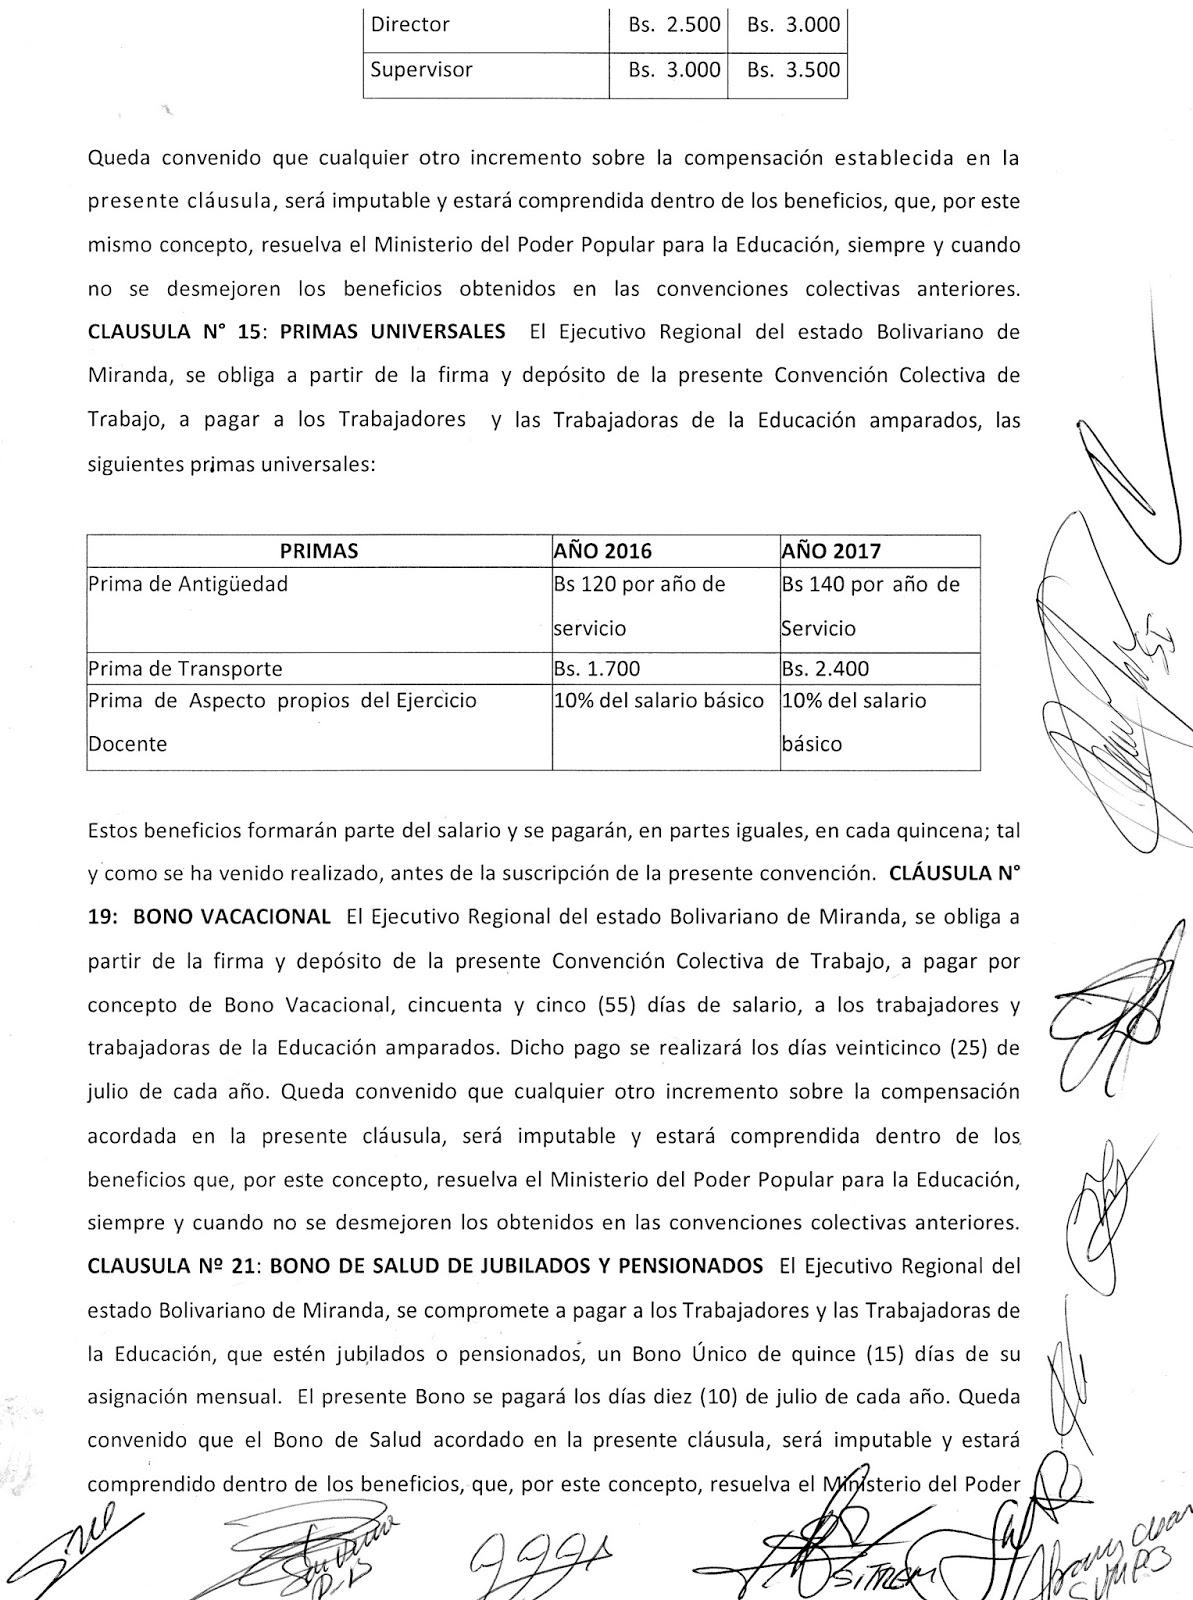 ACTA DE CLÁUSULAS APROBADAS DEL CONTRATO ESTADAL DEL 6 DE ABRIL 2016